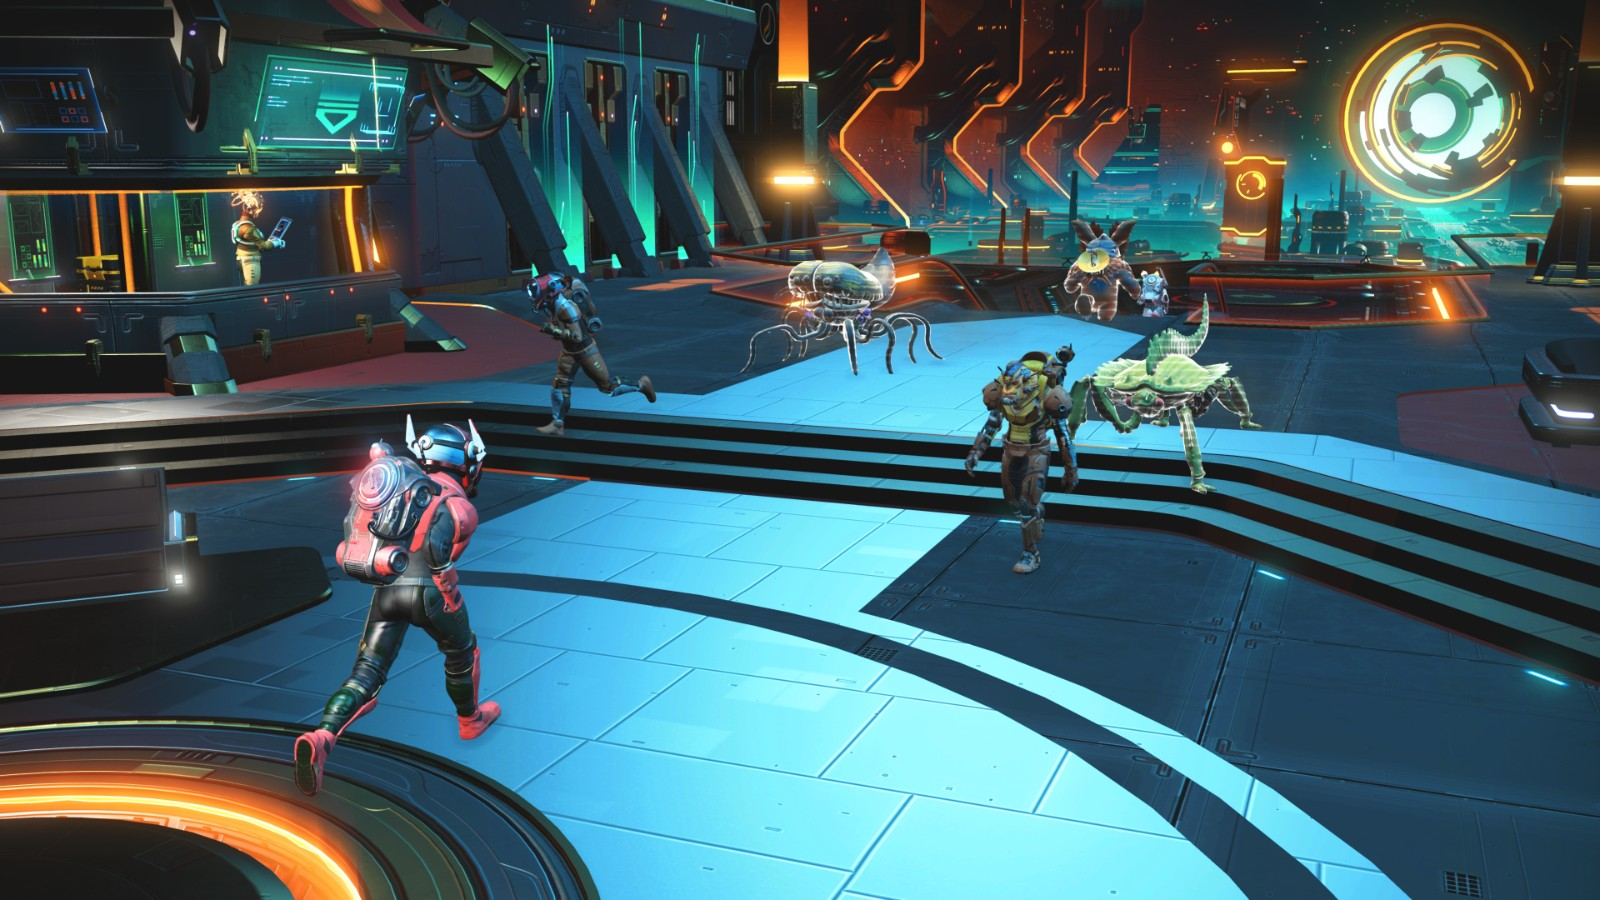 《无人深空》更新 现在你可以收养外星生物当宠物